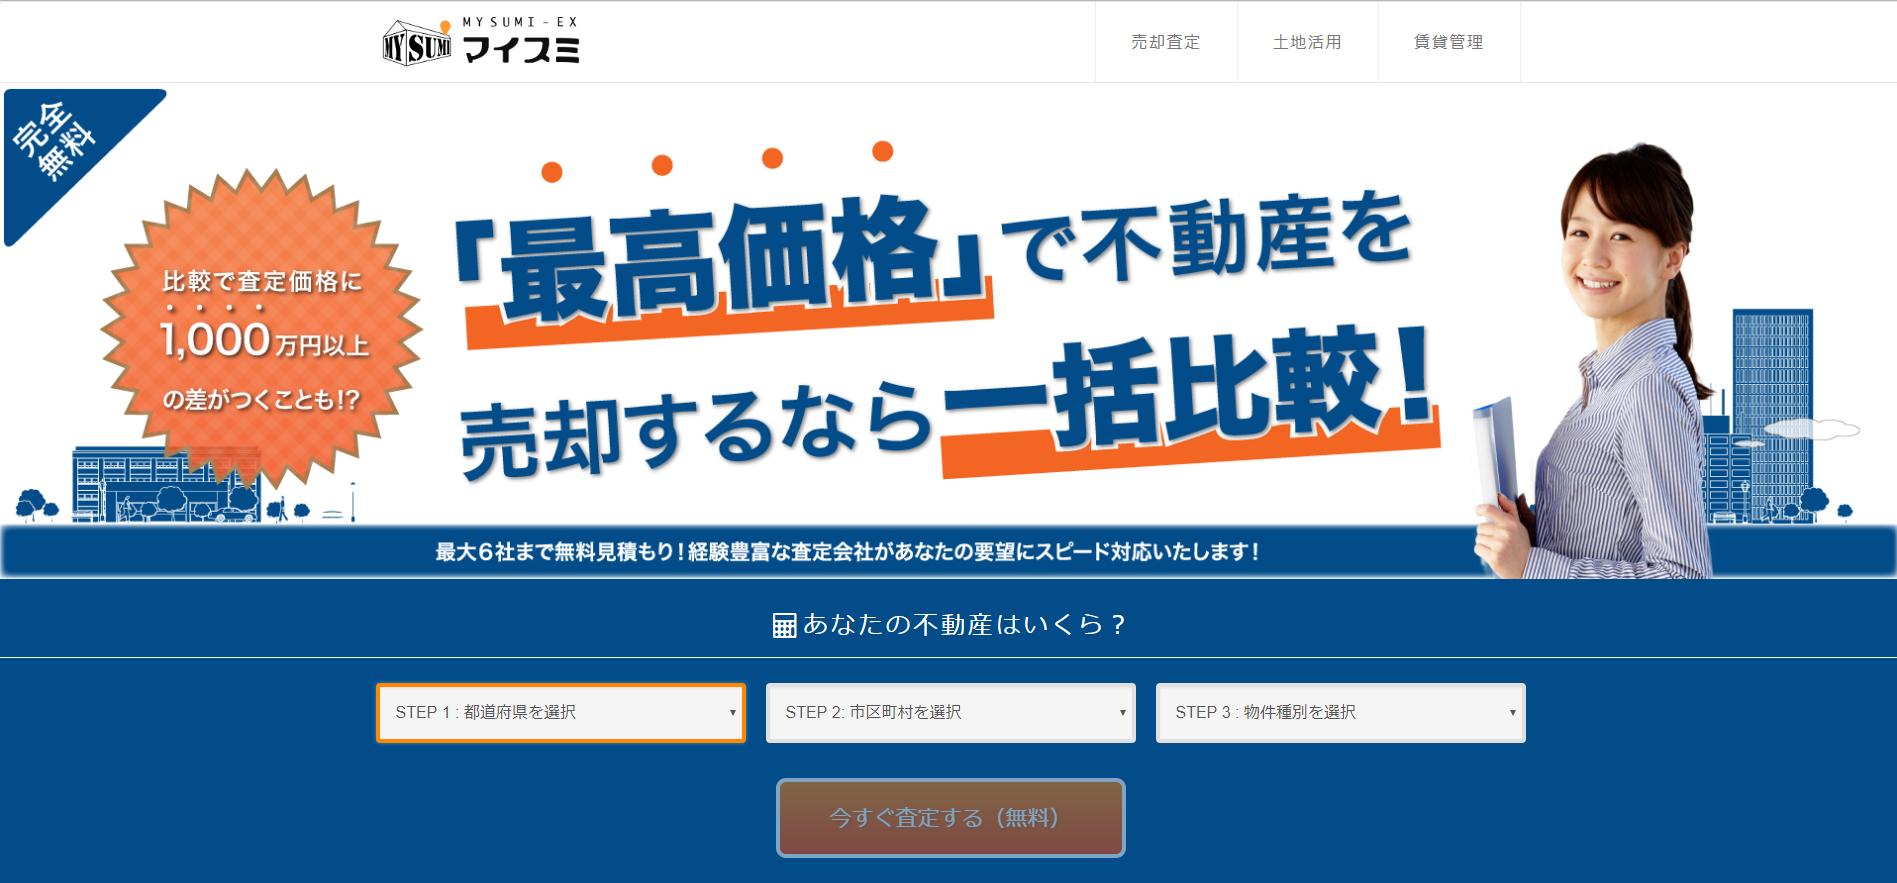 マイスミEX 公式ホームページ